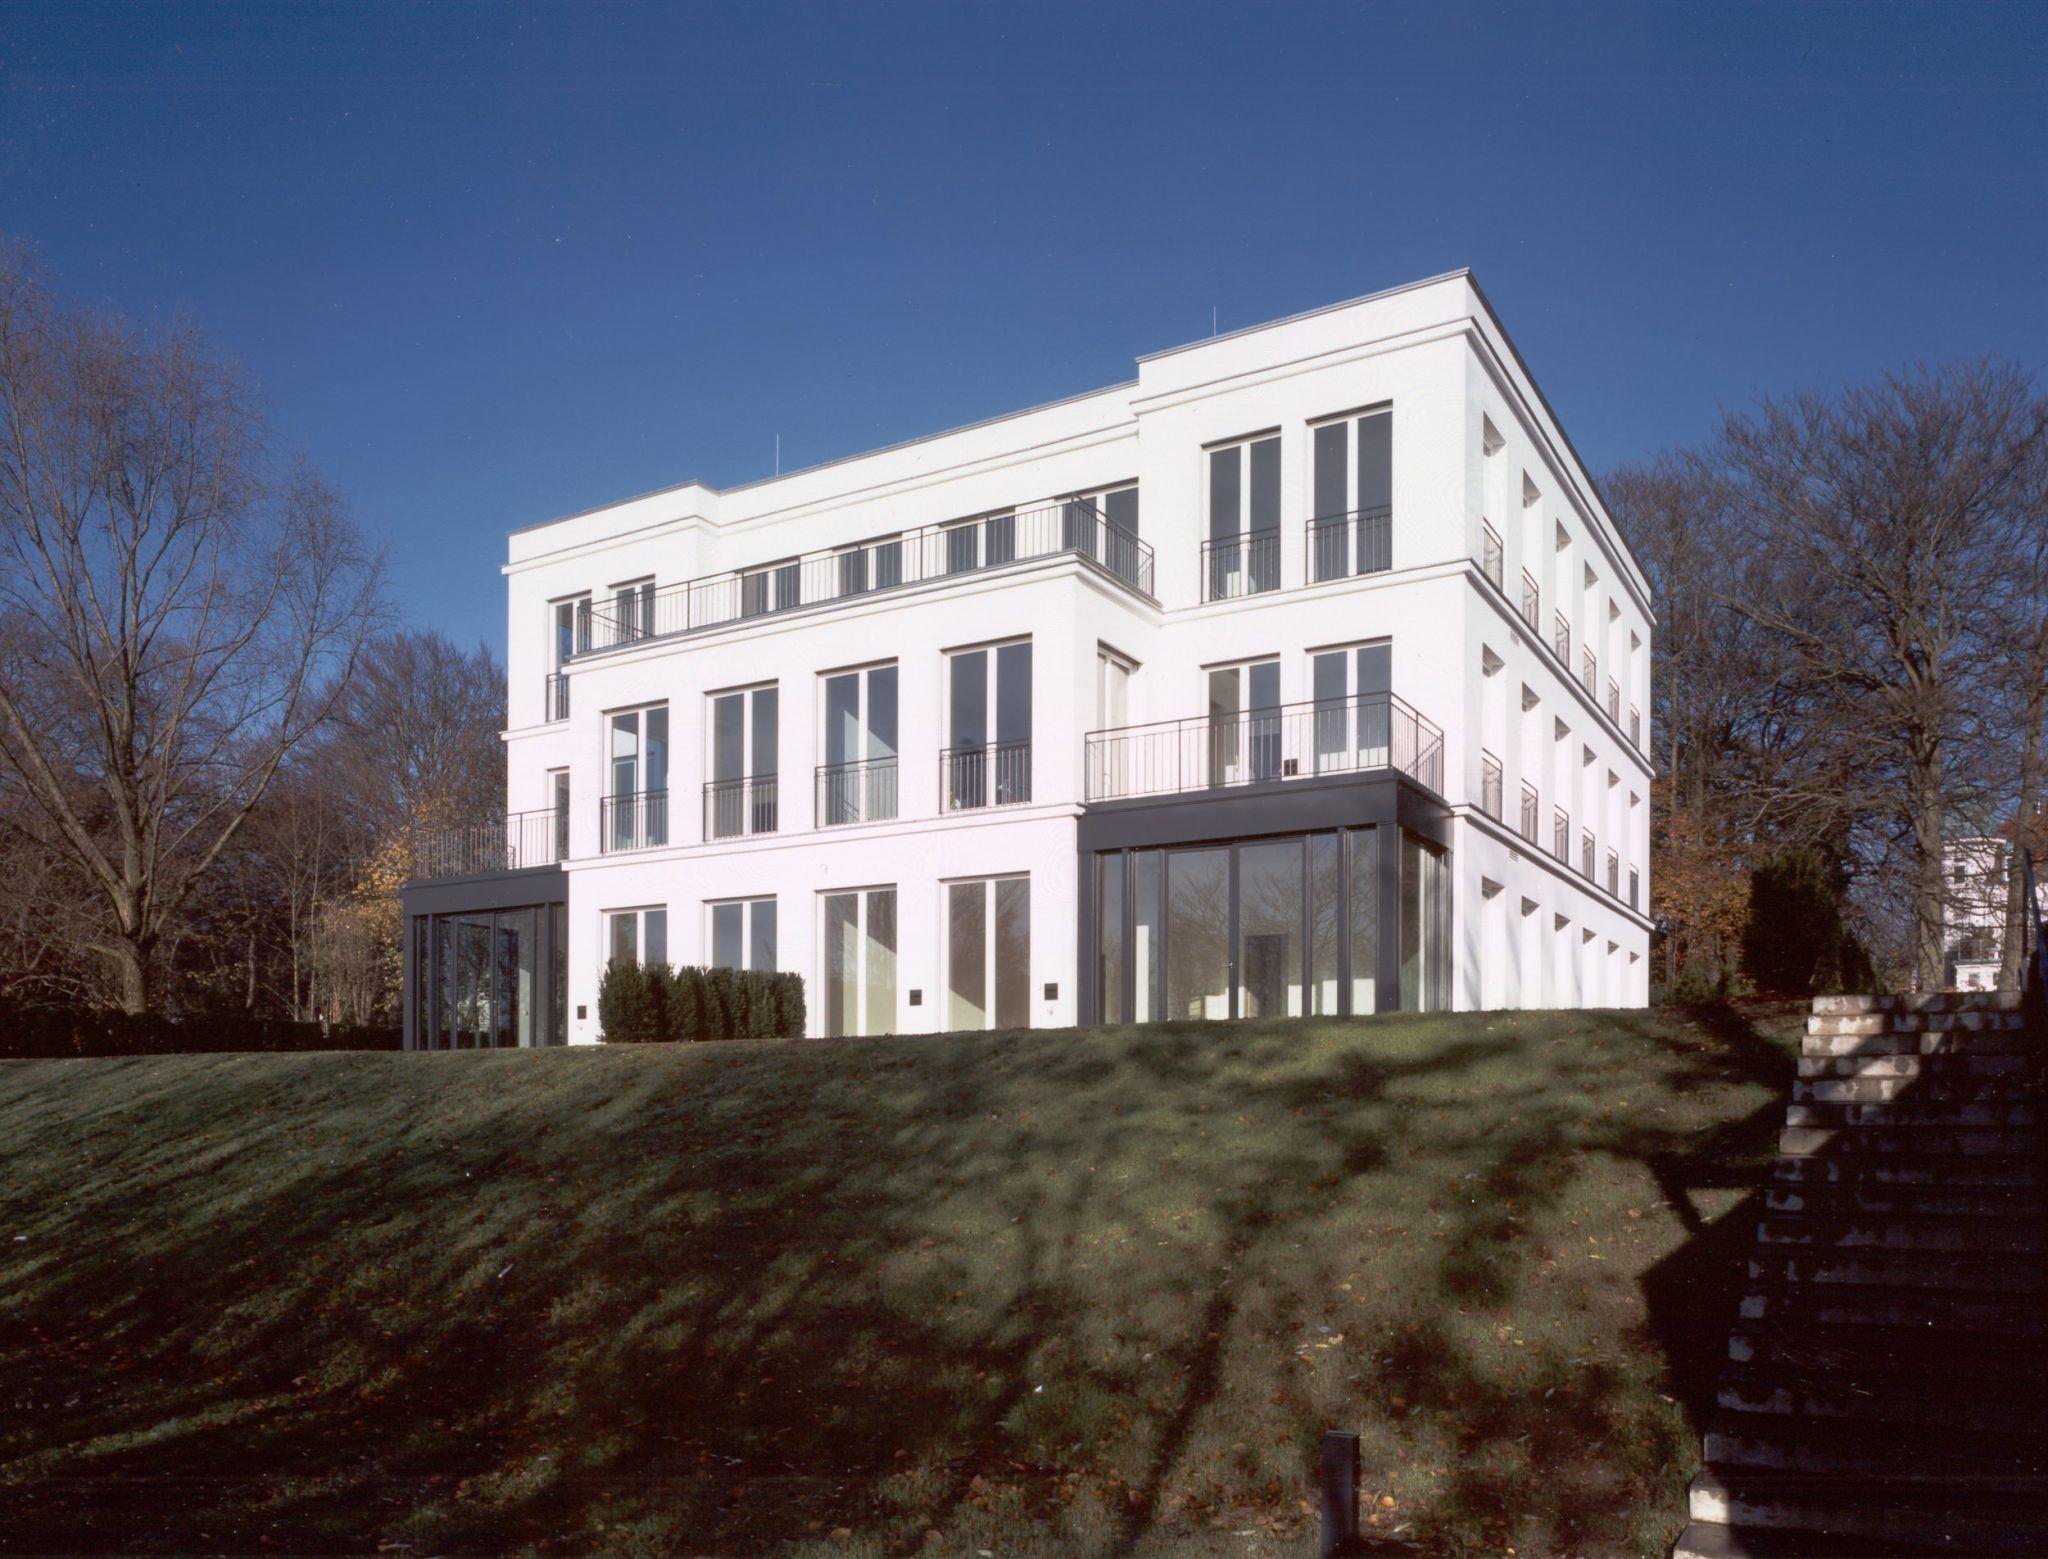 Elbchaussee Kahlfeldt Architekten Architektur